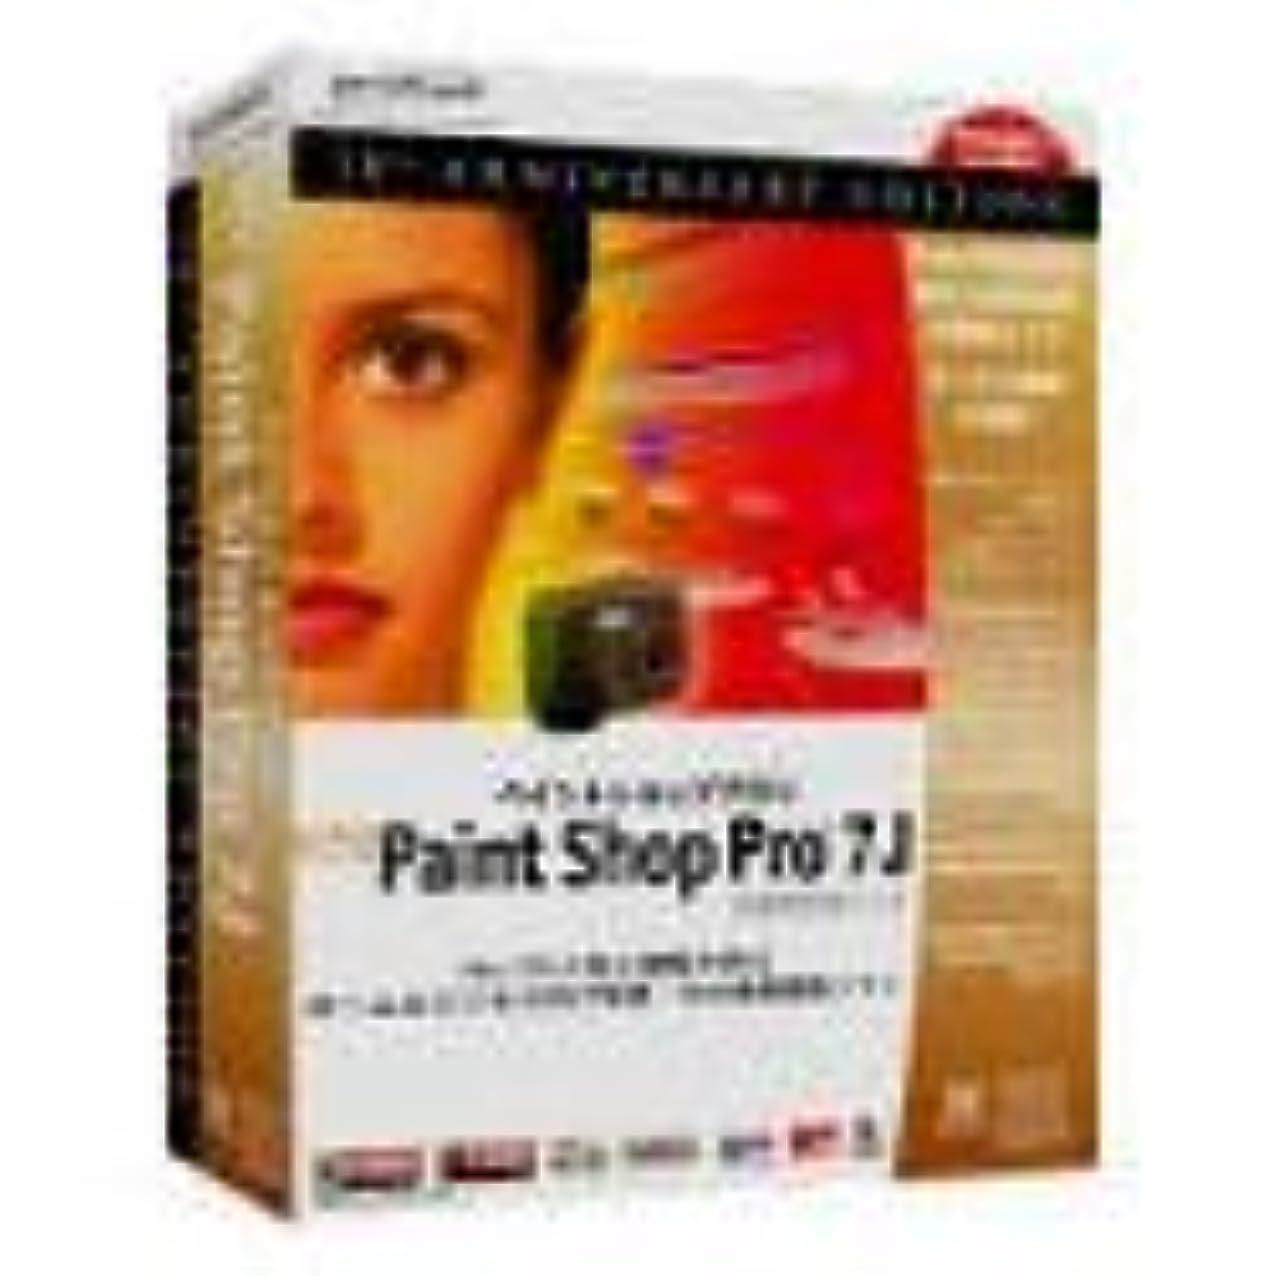 ネイティブ読みやすさ凝視Paint Shop Pro 7J 10周年記念パック